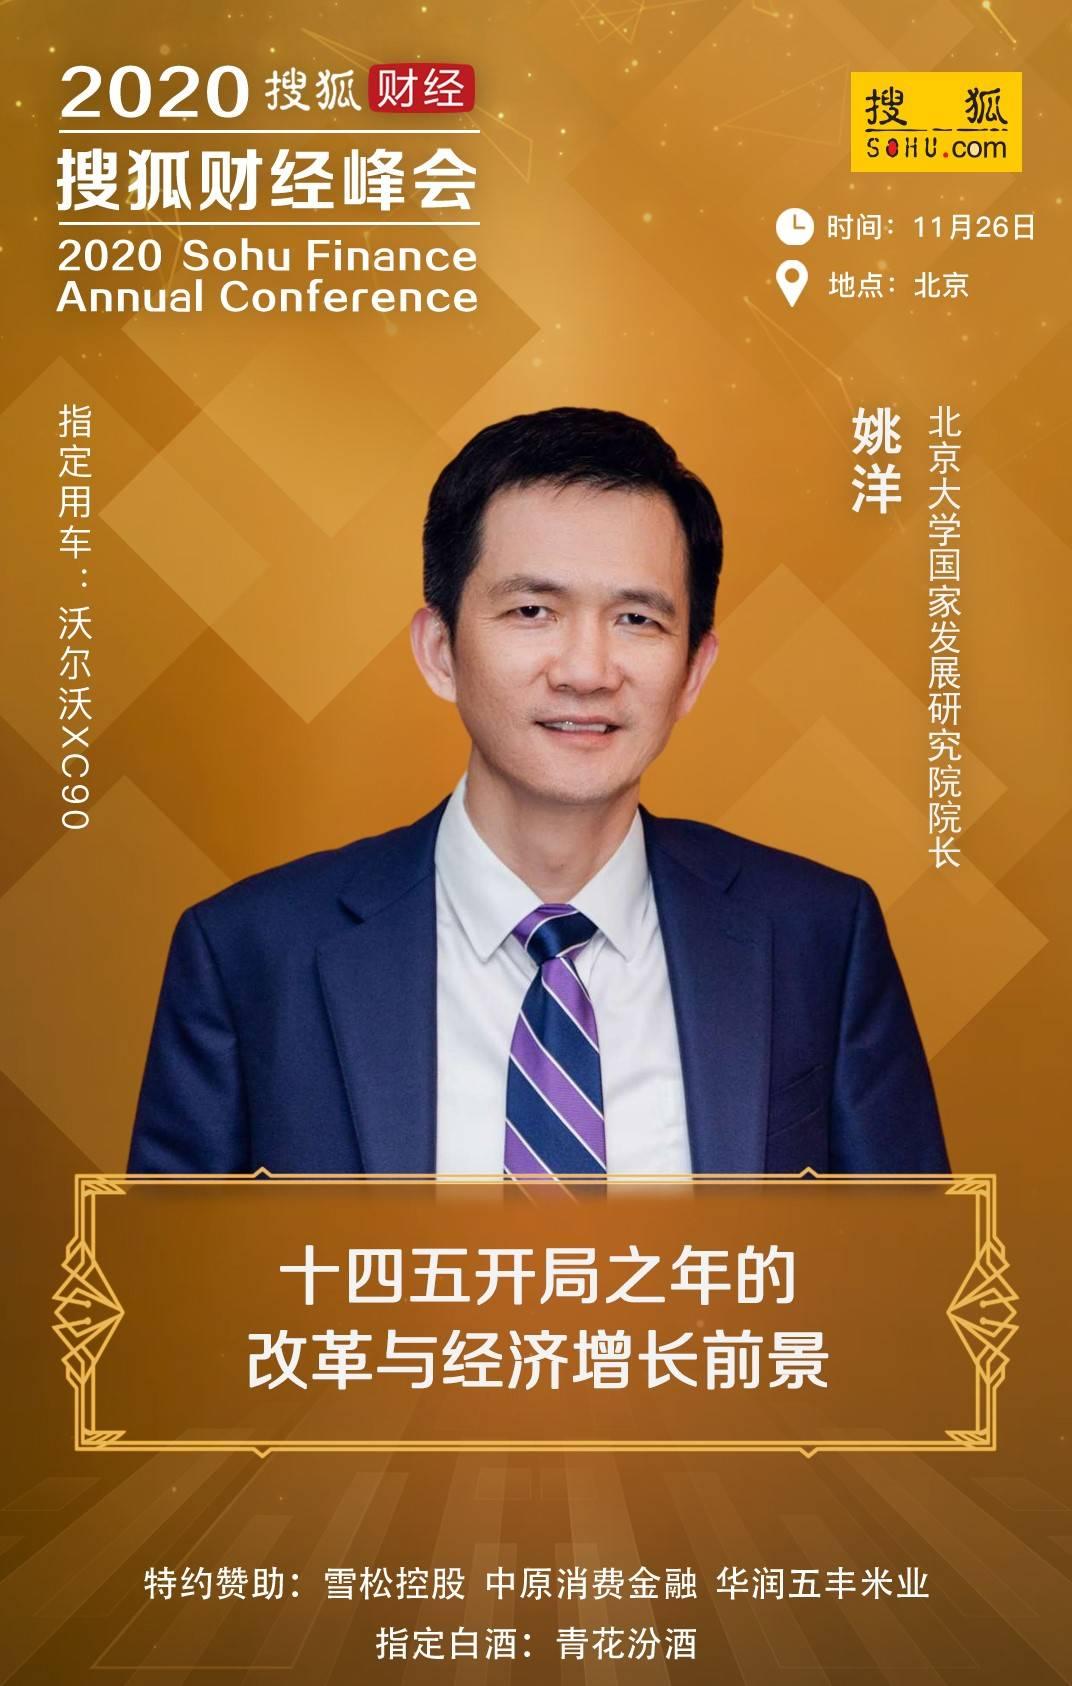 【北京大学国家发展研究院院长姚洋,确认出席2020搜狐财经峰会并发表演讲】